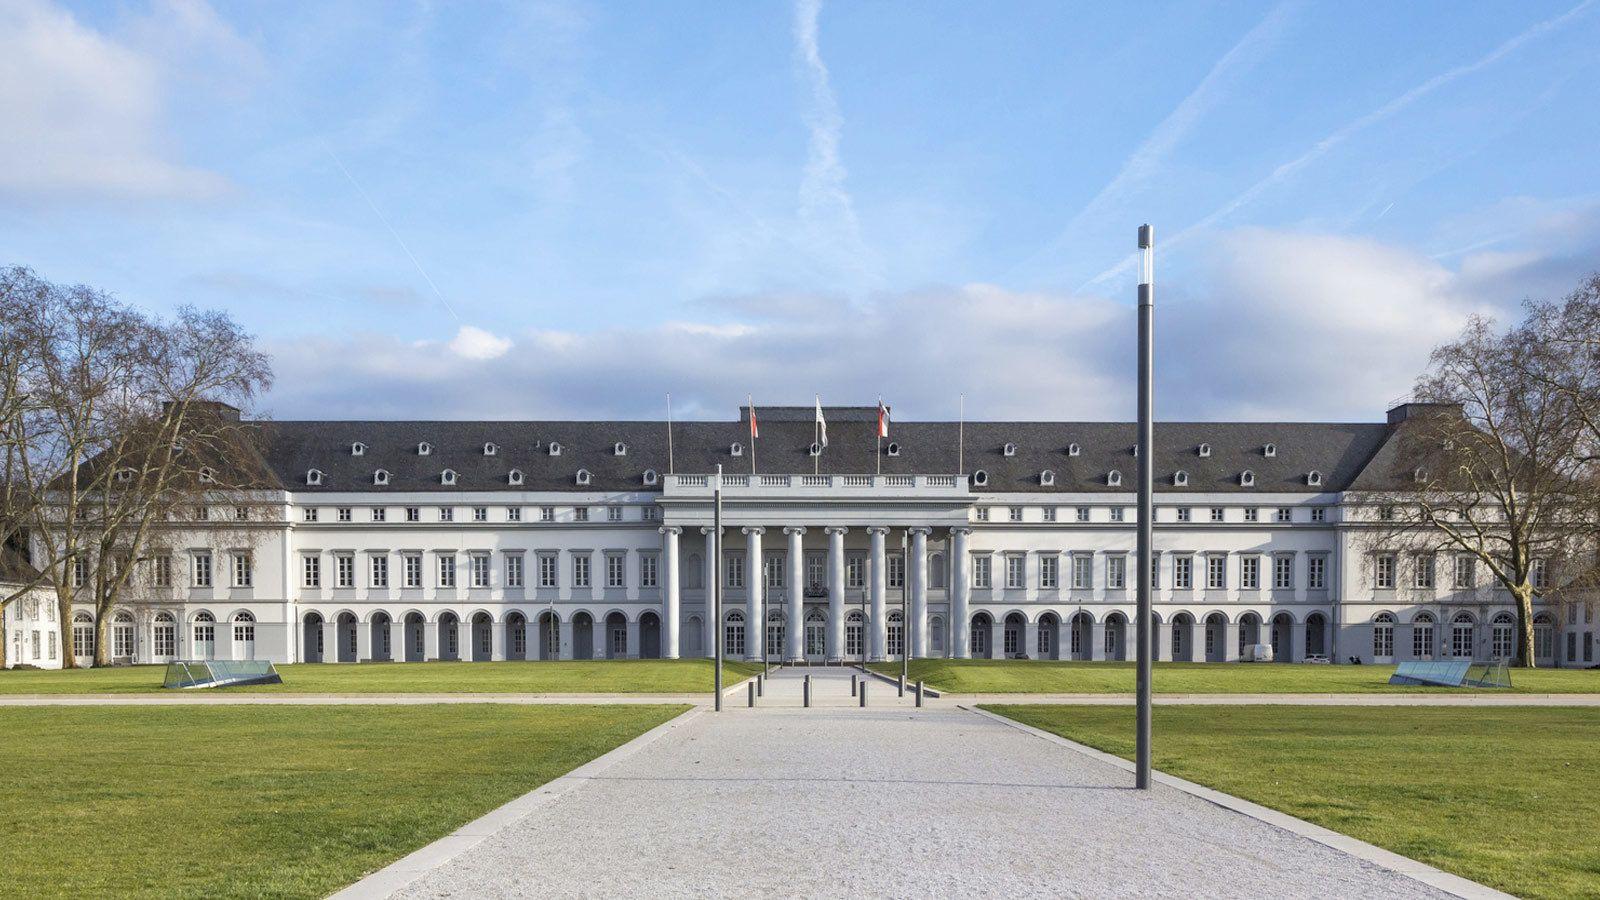 Landmark in Germany